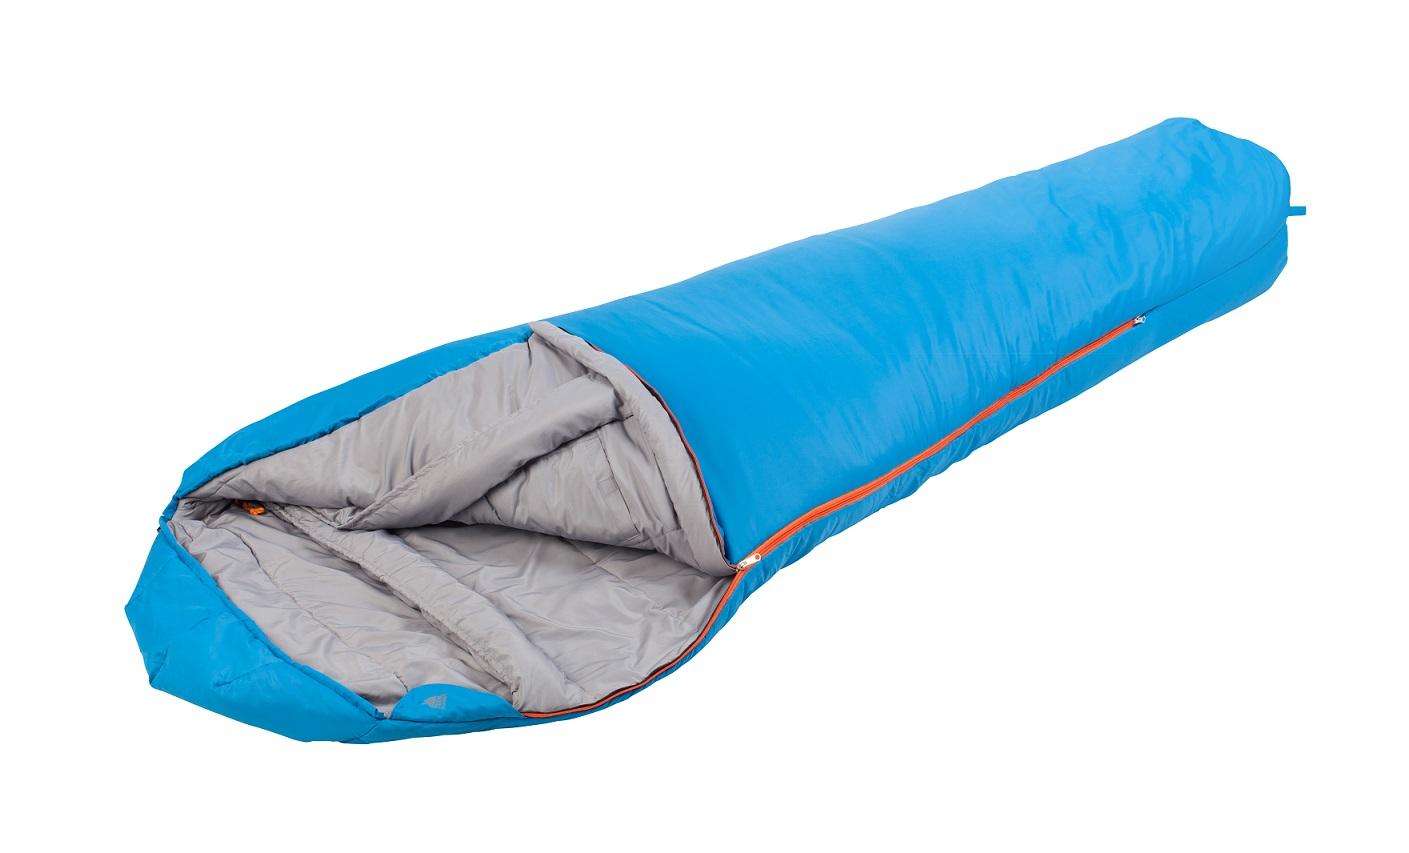 Спальный мешок Trek Planet DakarКомфортный, легкий и удобный 3-х сезонный спальник-кокон TREK PLANET Dakar предназначен для длительных походов и активного отдыха, может быть использован в весенне-осенний период. Его преимущества небольшой вес, компактная упаковка и практичность. Утеплен двумя слоями техничного 4-канального волокна Hollow Fiber. Внешний материал: усиленный полиэстер Ripstop, внутренняя ткань: мягкий полиэстер (Pongee).<br><br><br>Конструкция капюшона и спальника анатомической формы,<br><br>Удобный глубокий капюшон,<br><br>4-канальный наполнитель Hollow Fiber,<br><br>Внешний материал: усиленный полиэстер RipStop,<br><br>Внутренняя ткань: мягкий полиэстер (Pongee),<br><br>Молния имеет два замка с обеих сторон,<br><br>Тепловой ворот,<br><br>Термоклапан вдоль молнии,<br><br>Внутренний карман,<br><br>Возможно состегивание спальников между собой<br><br>К спальнику прилагается компрессионный чехол из прочного полиэстера для удобного хранения и переноски.<br><br>Вес кг: 1.80000000